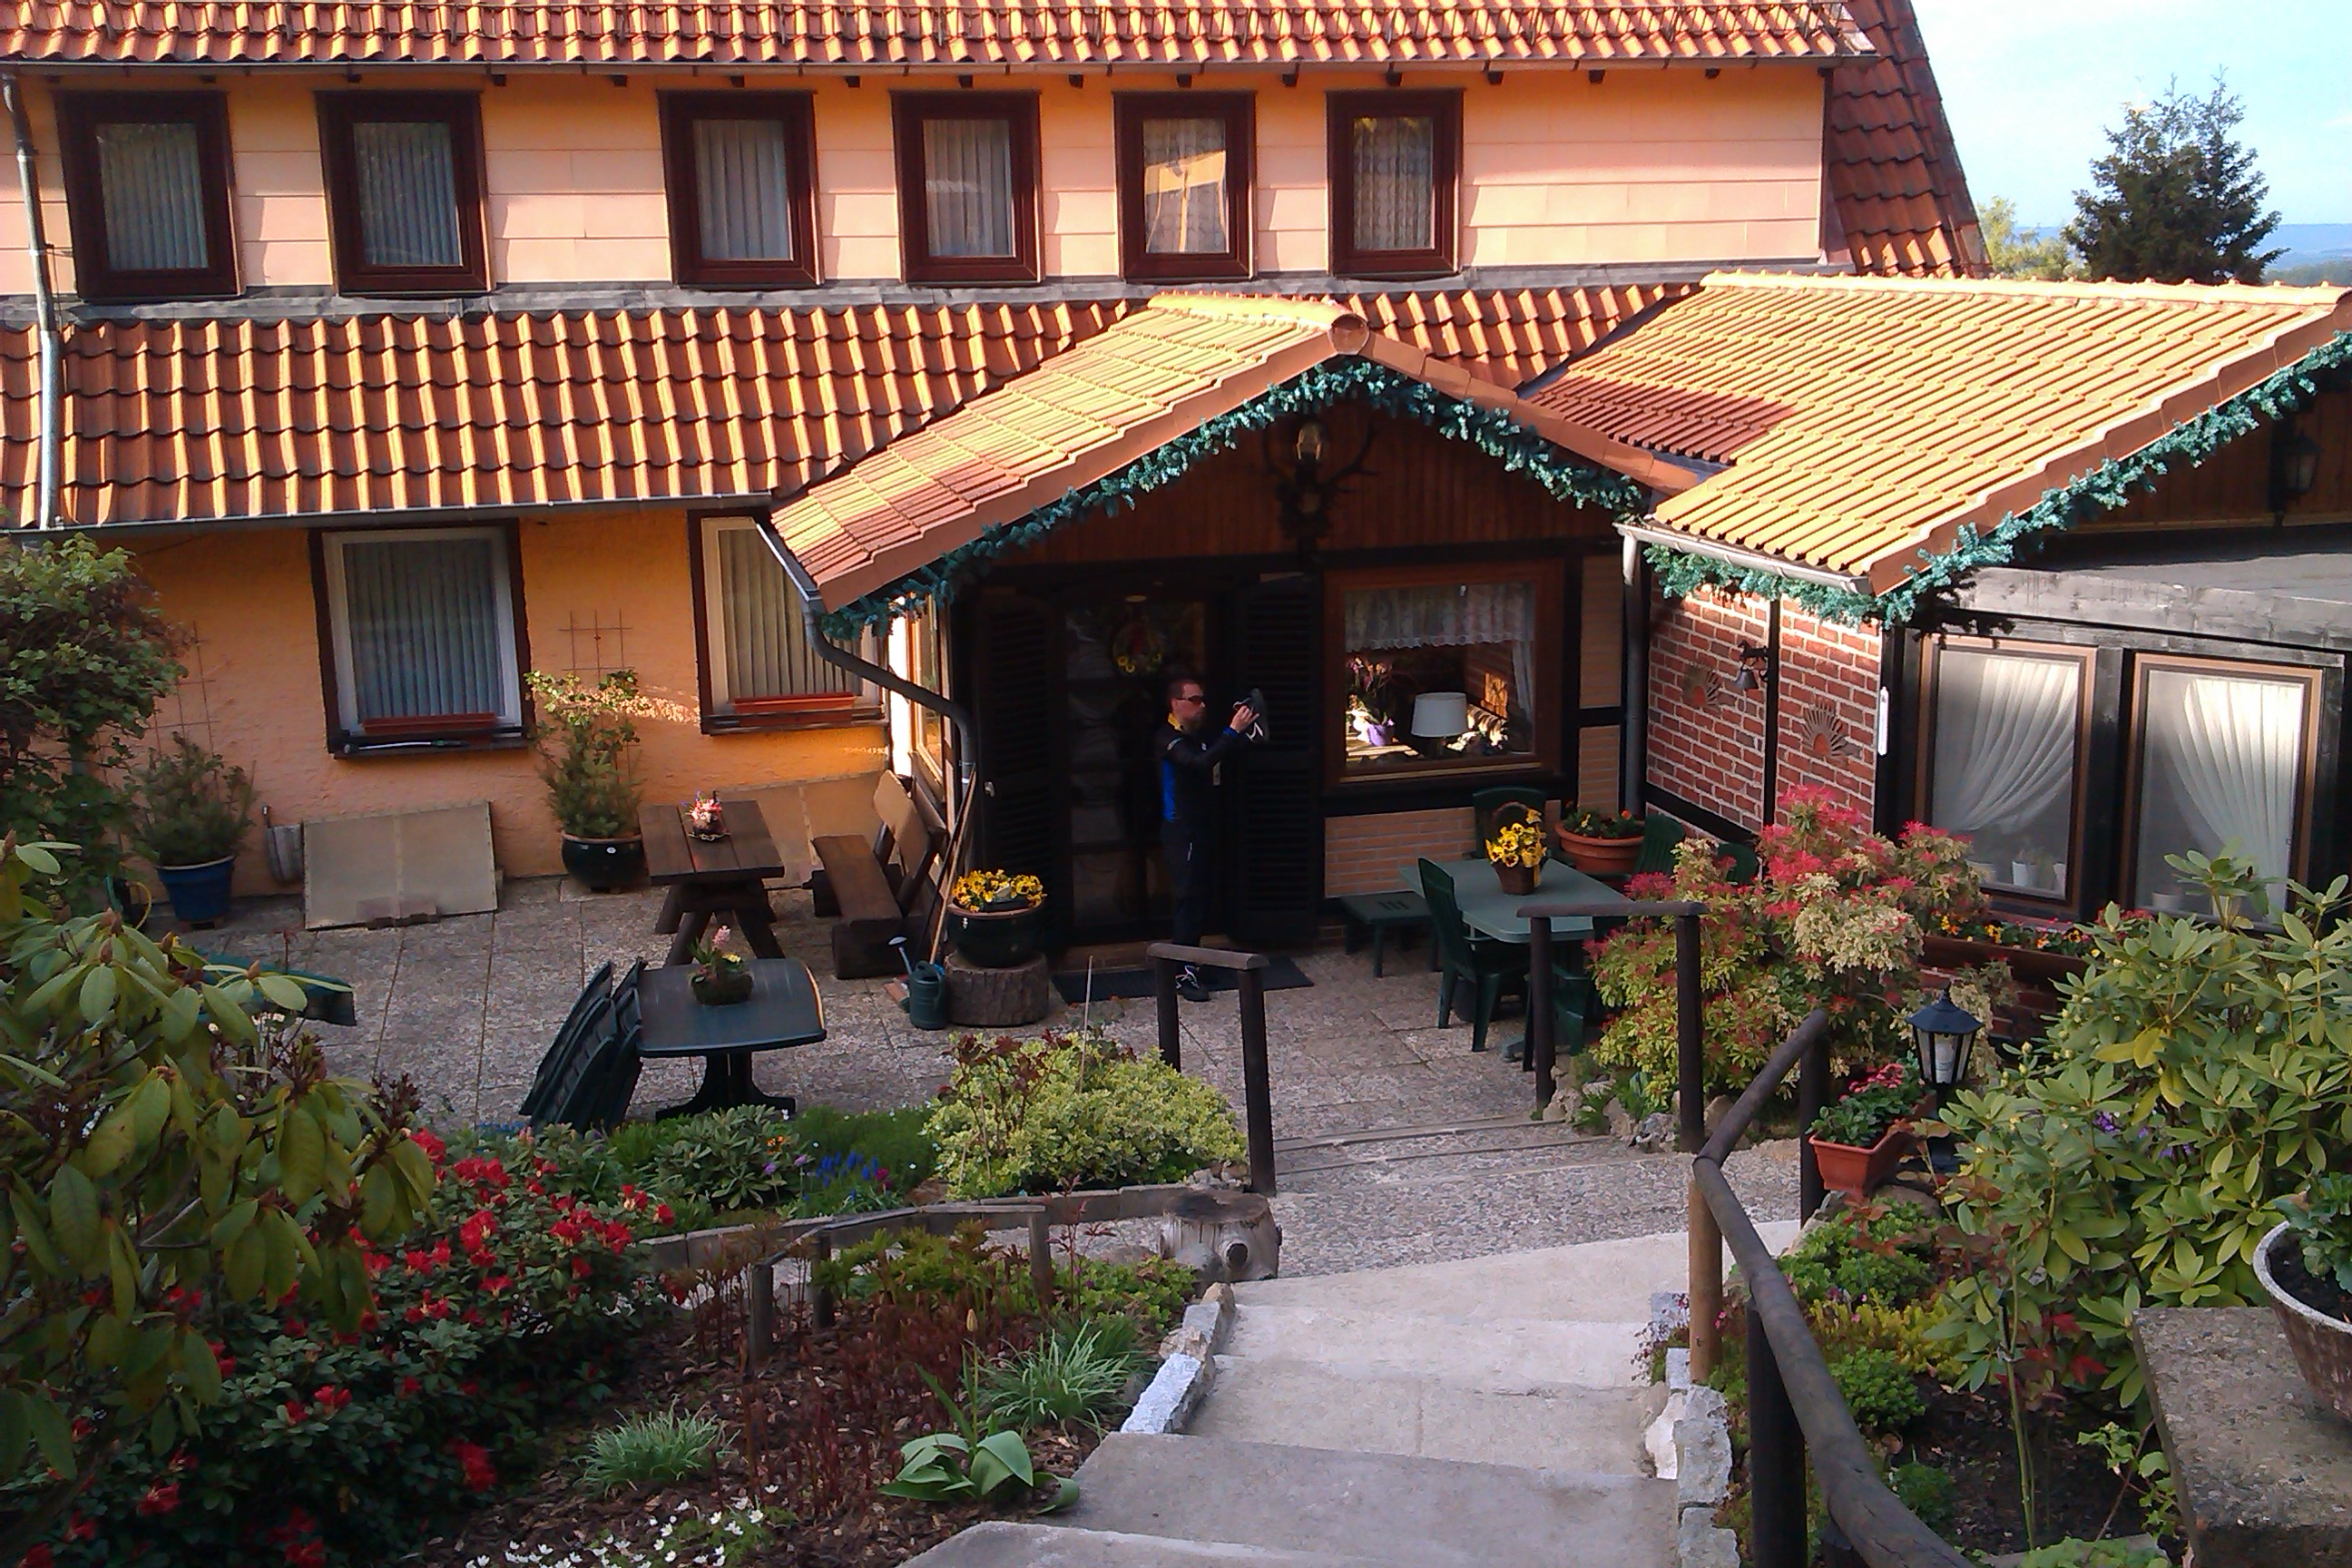 Unsere Unterkunft in Bad Harzburg.